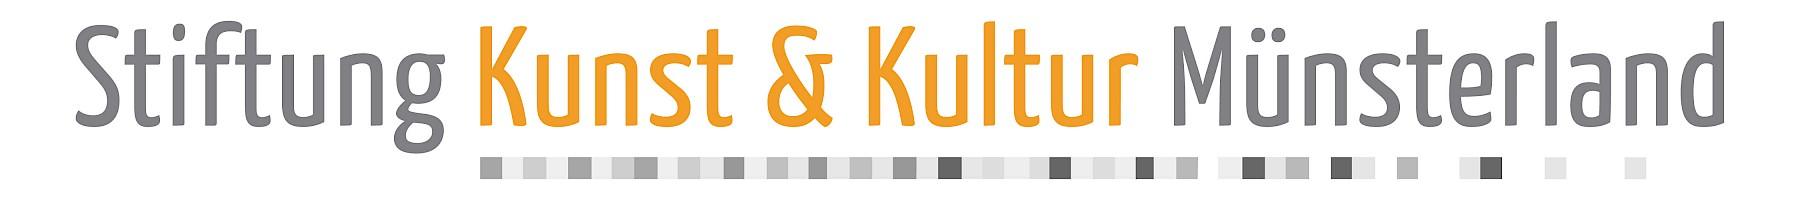 Das Logo der Stiftung Kunst und Kultur Münsterland.